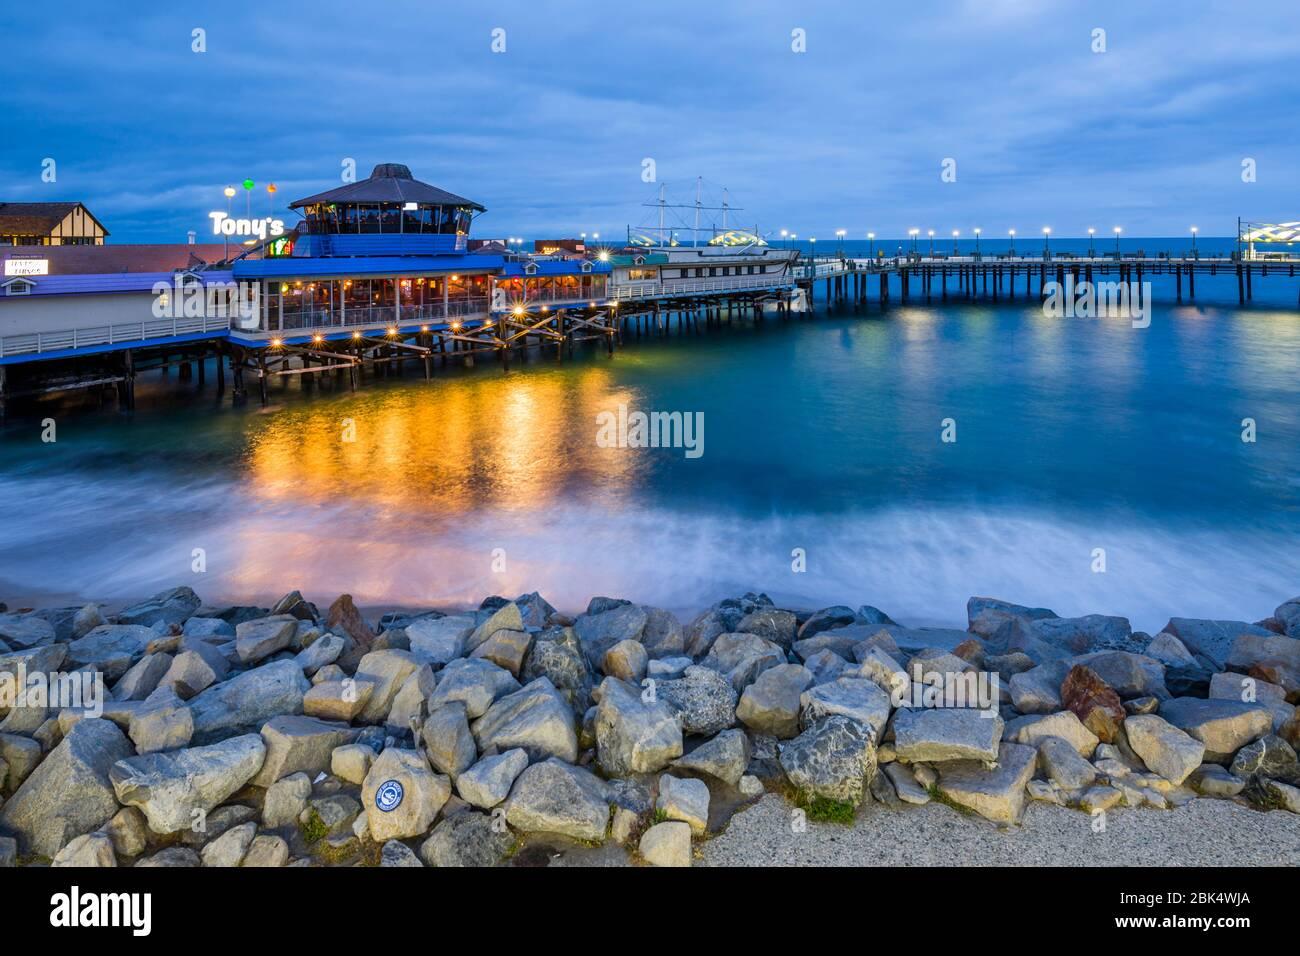 Vista de la playa Redondo Pier al anochecer, Los Angeles, California, Estados Unidos de América, América del Norte Foto de stock